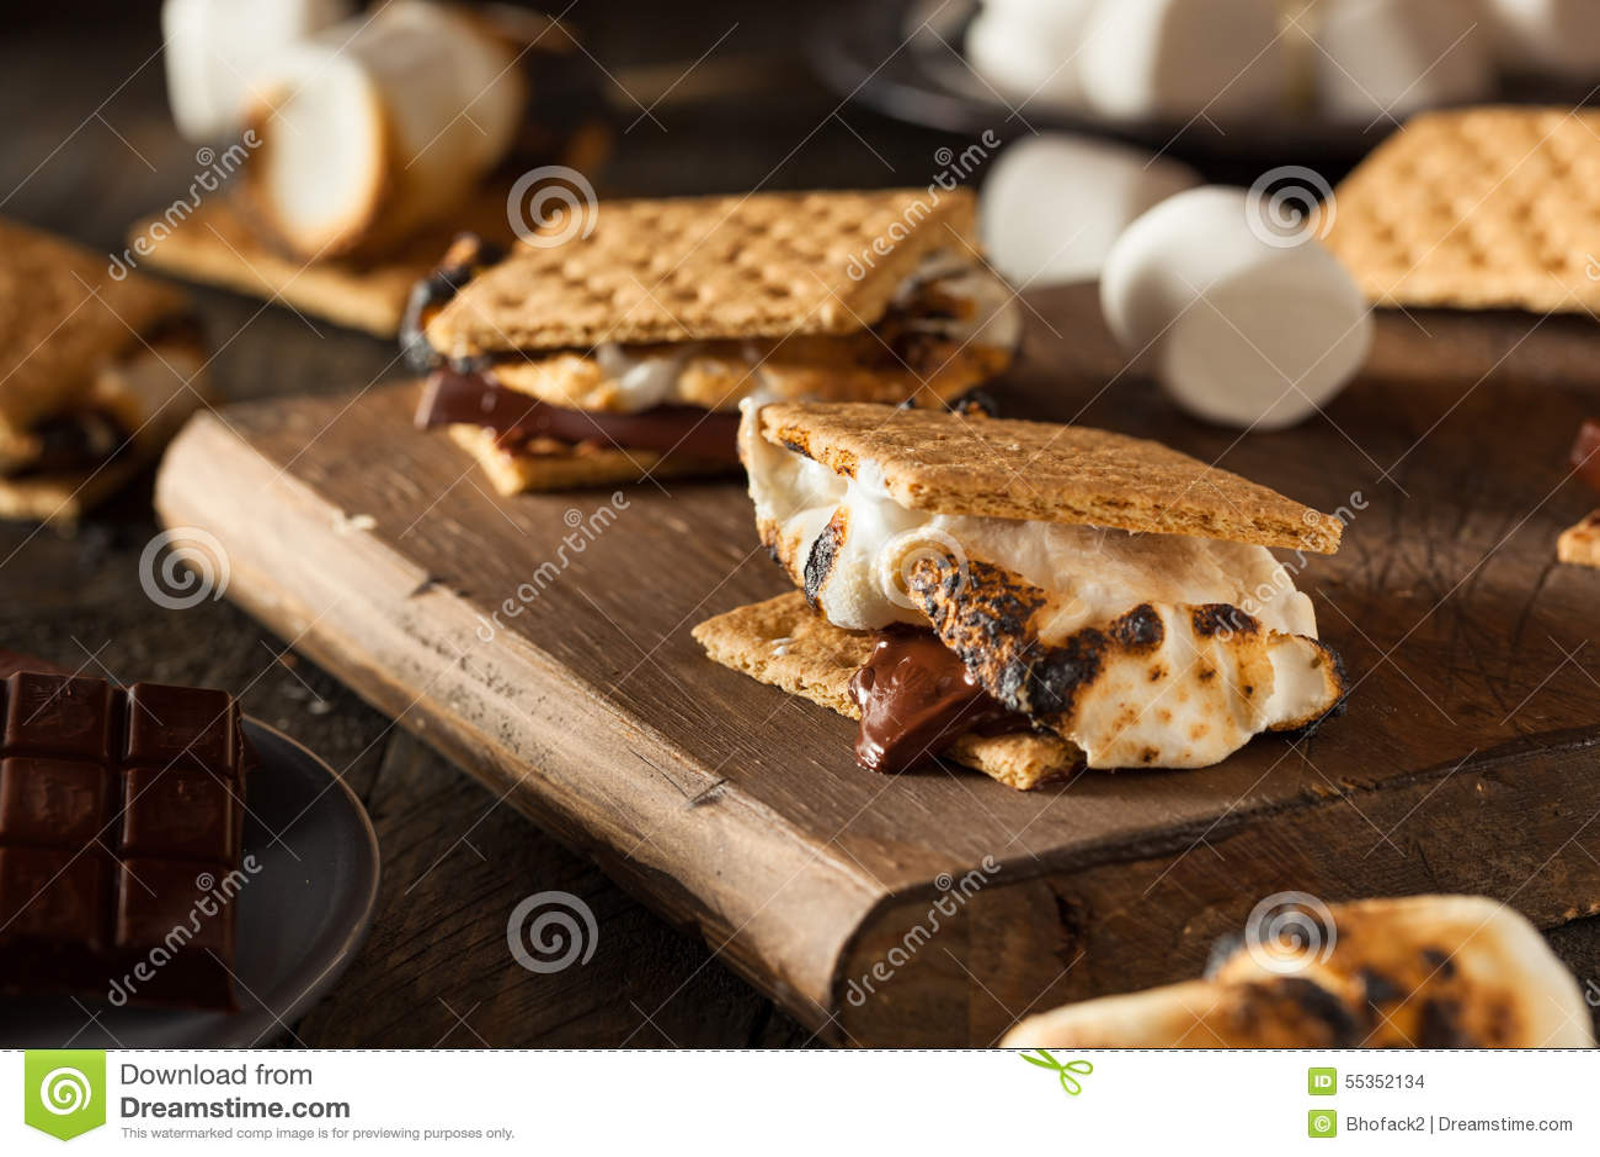 S mores appiccicaticcio casalingo con cioccolato